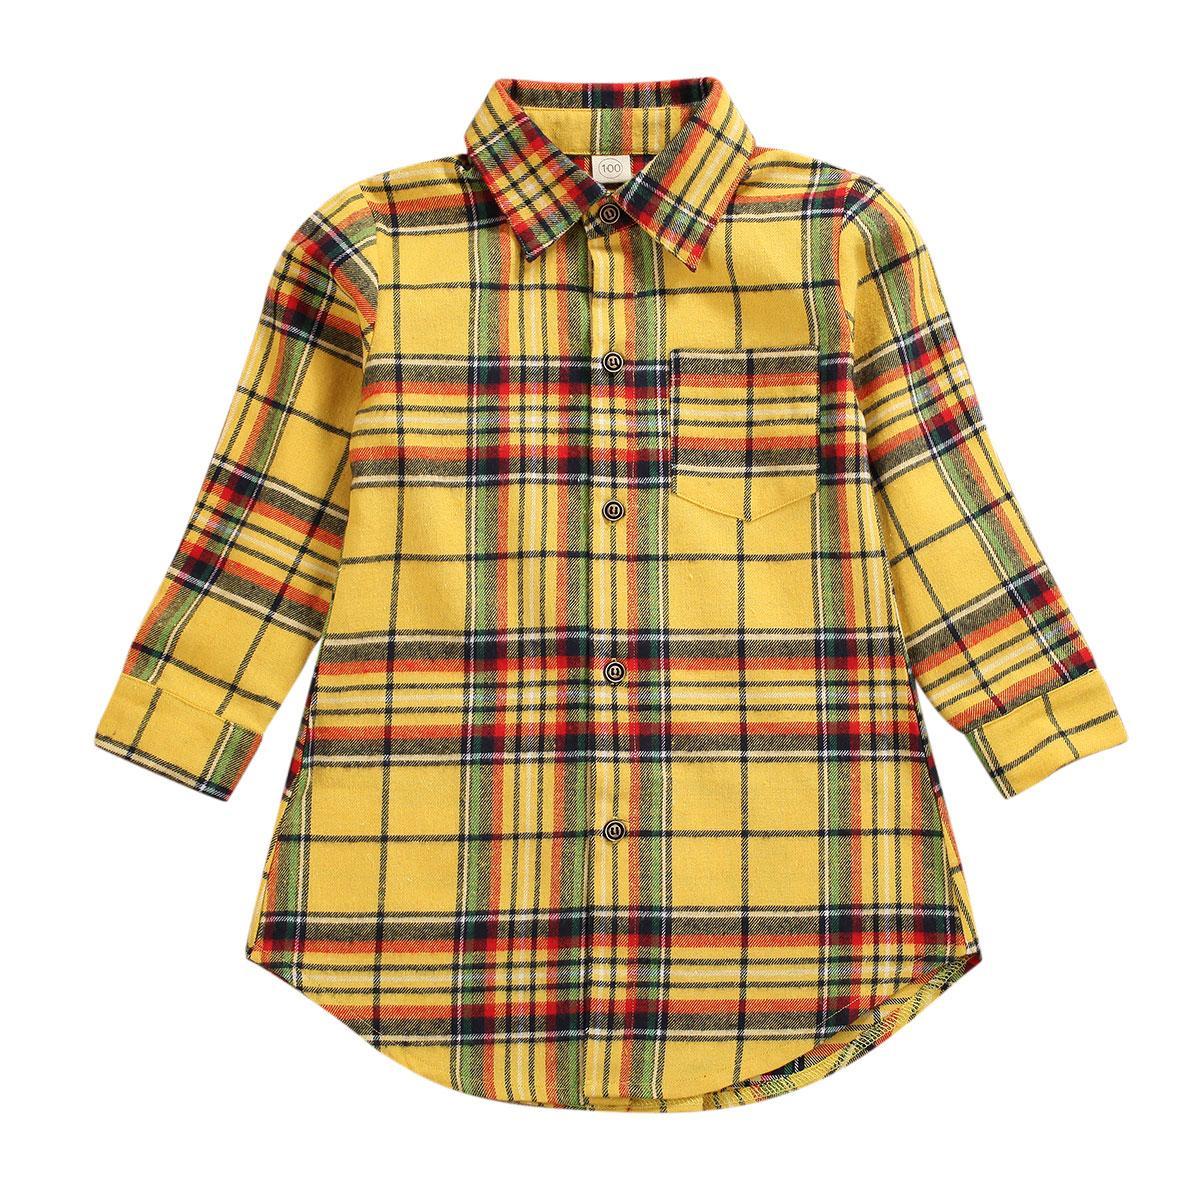 Primavera Autunno ragazze Plaid Shirt Coat bambini a manica lunga vestiti casuali per età 1-7 anni